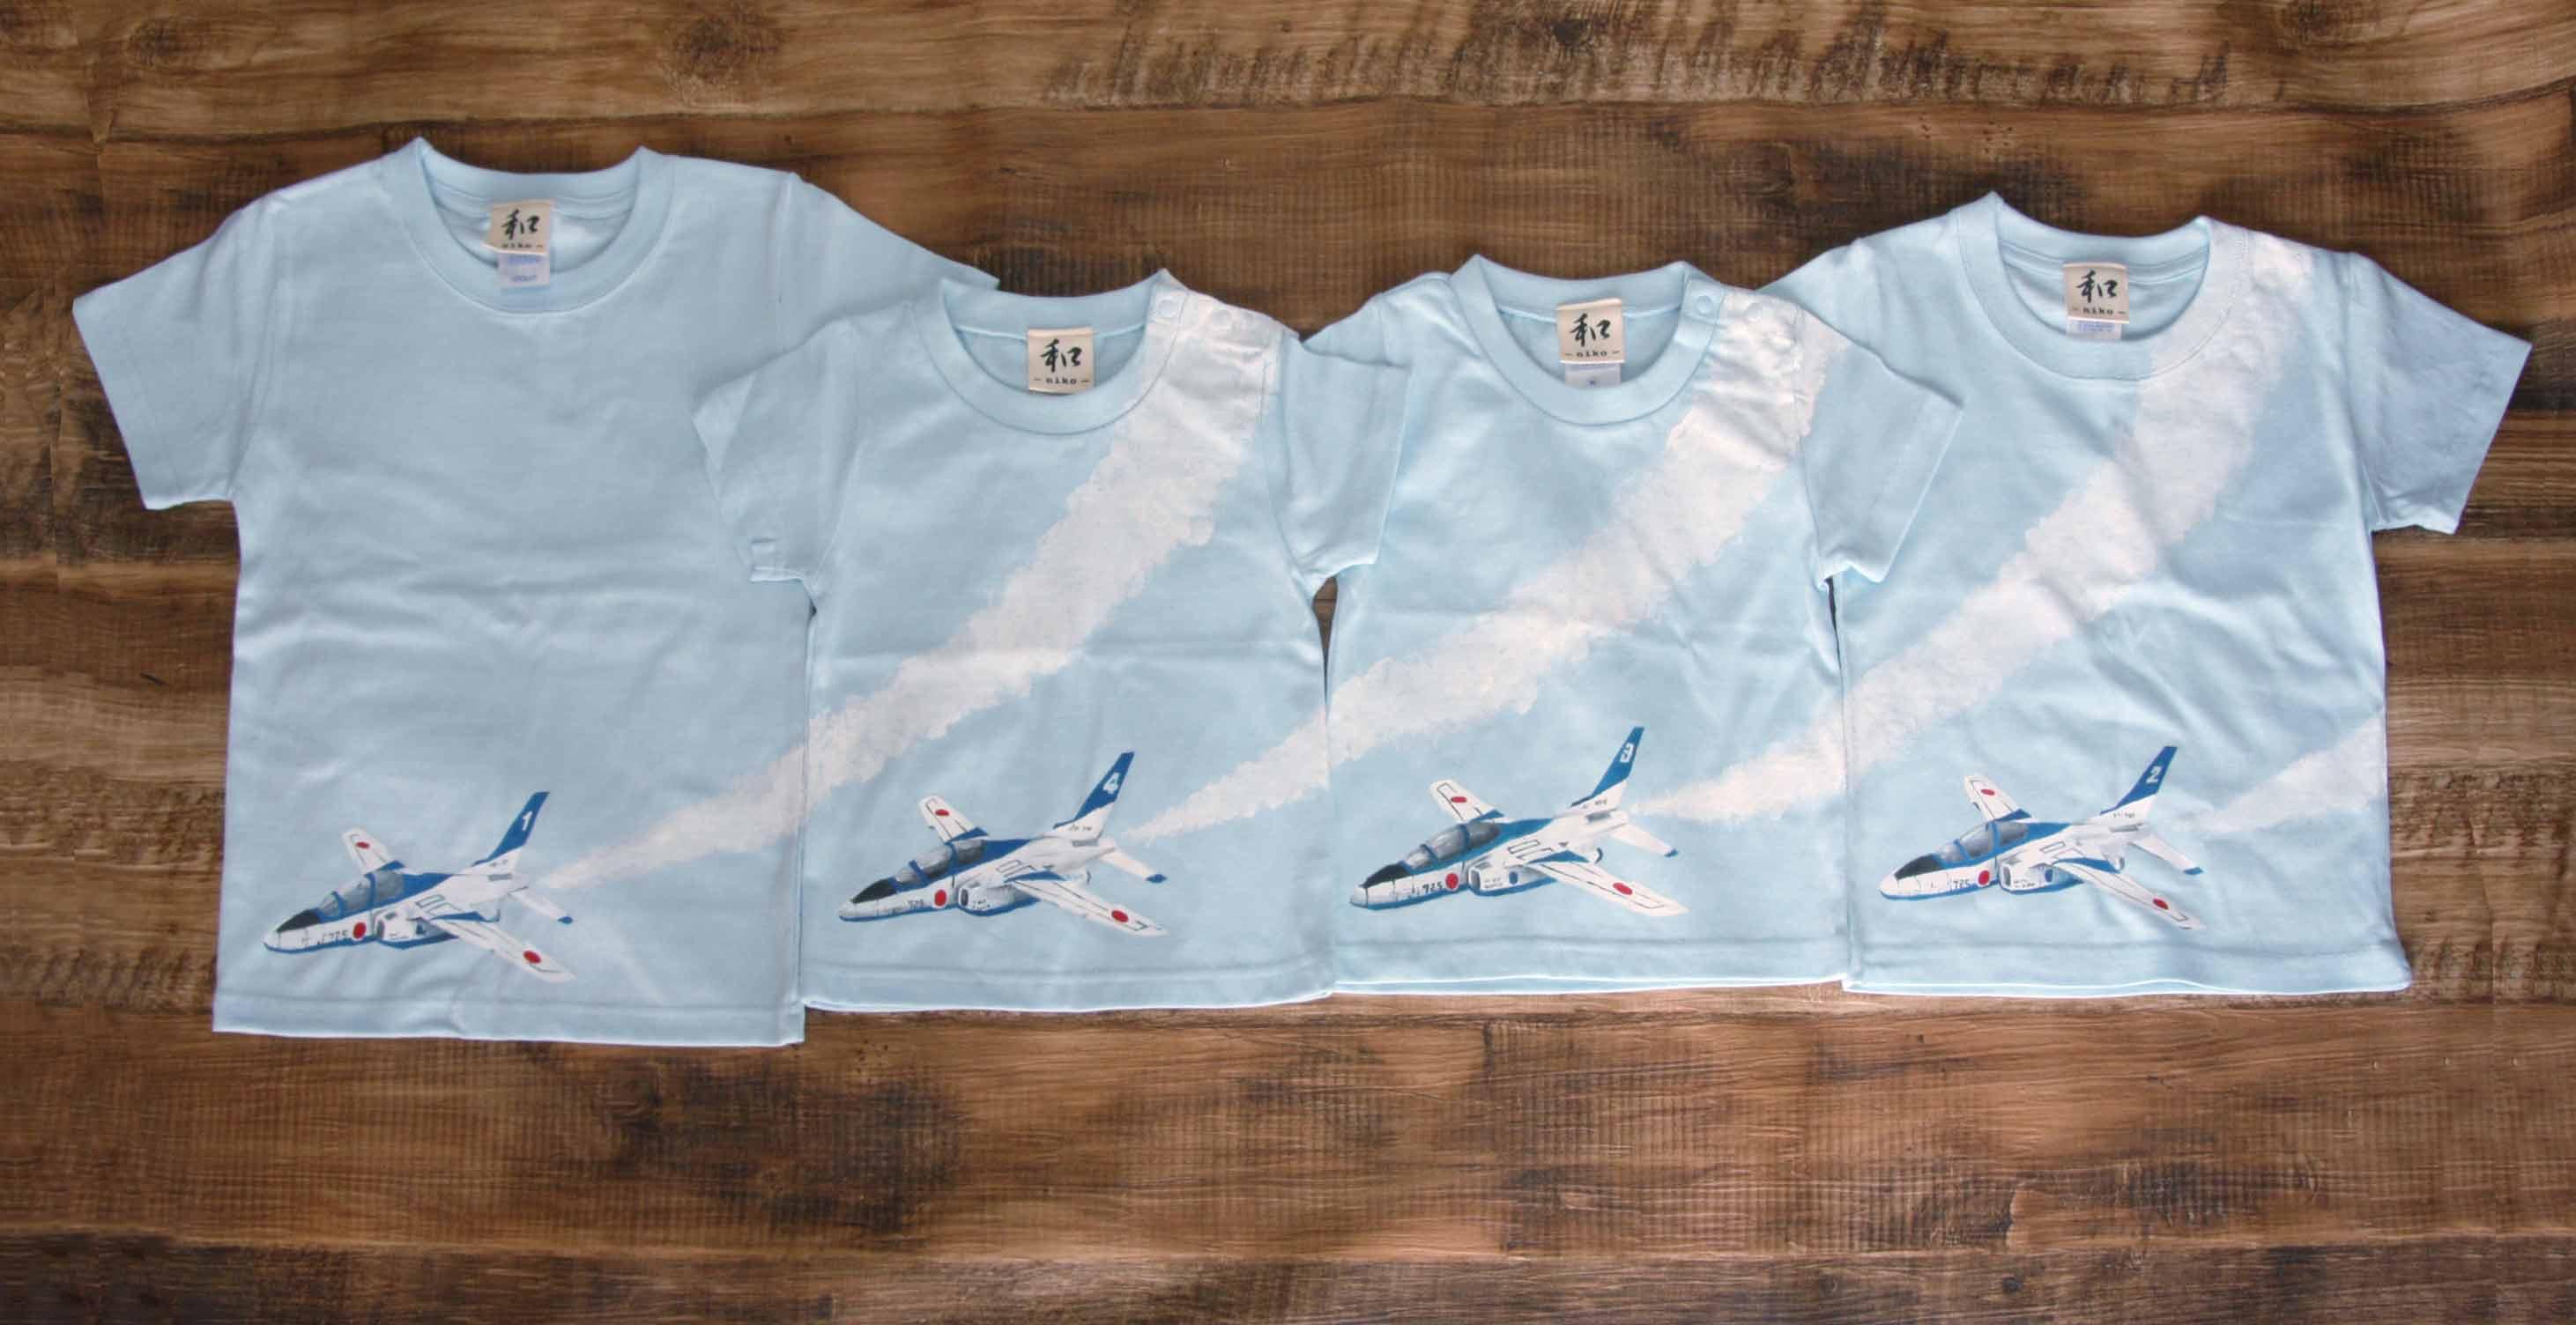 ブルーインパルスのTシャツオーダー、繋がる兄弟お揃いTシャツ